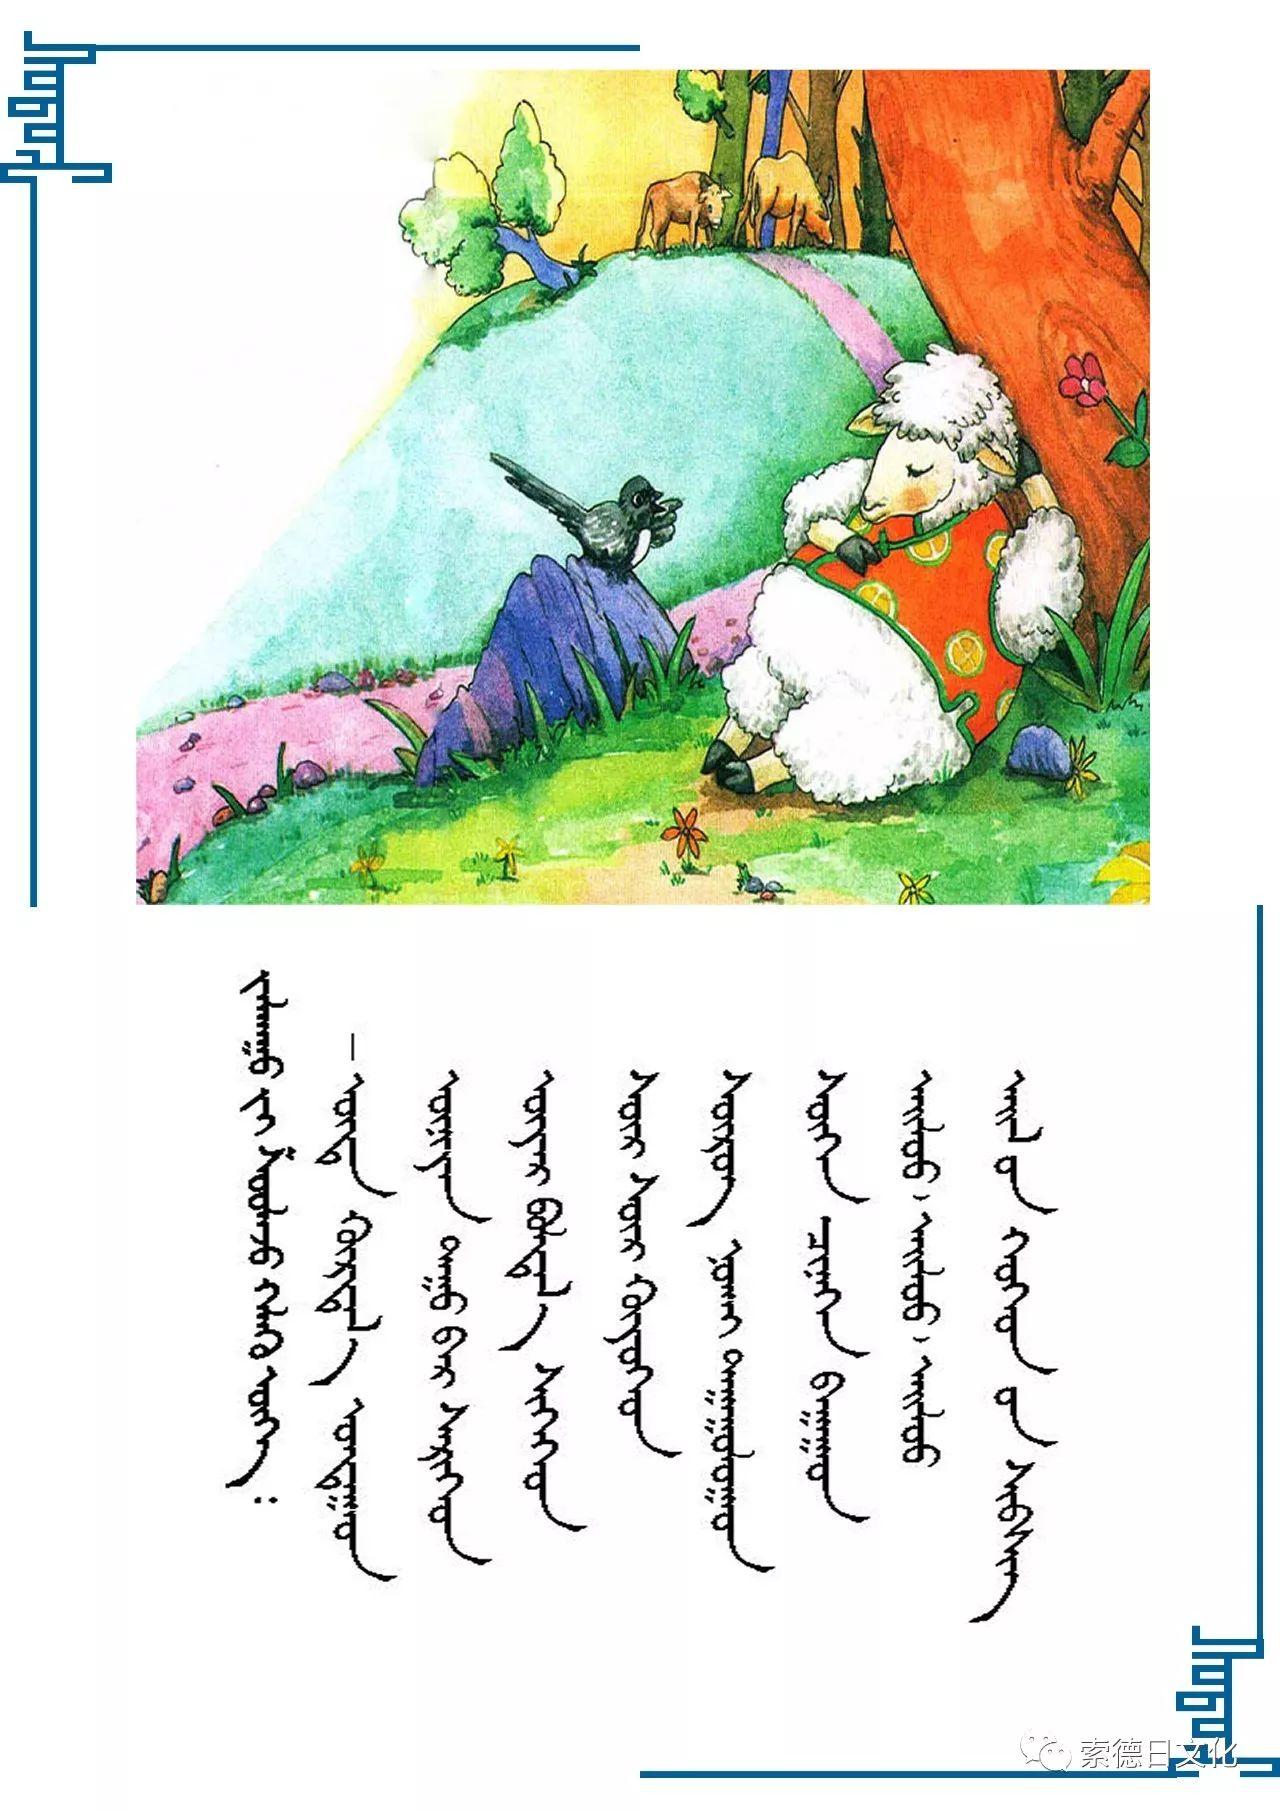 蒙古欢悦词 — 插图版 第3张 蒙古欢悦词 — 插图版 蒙古文库